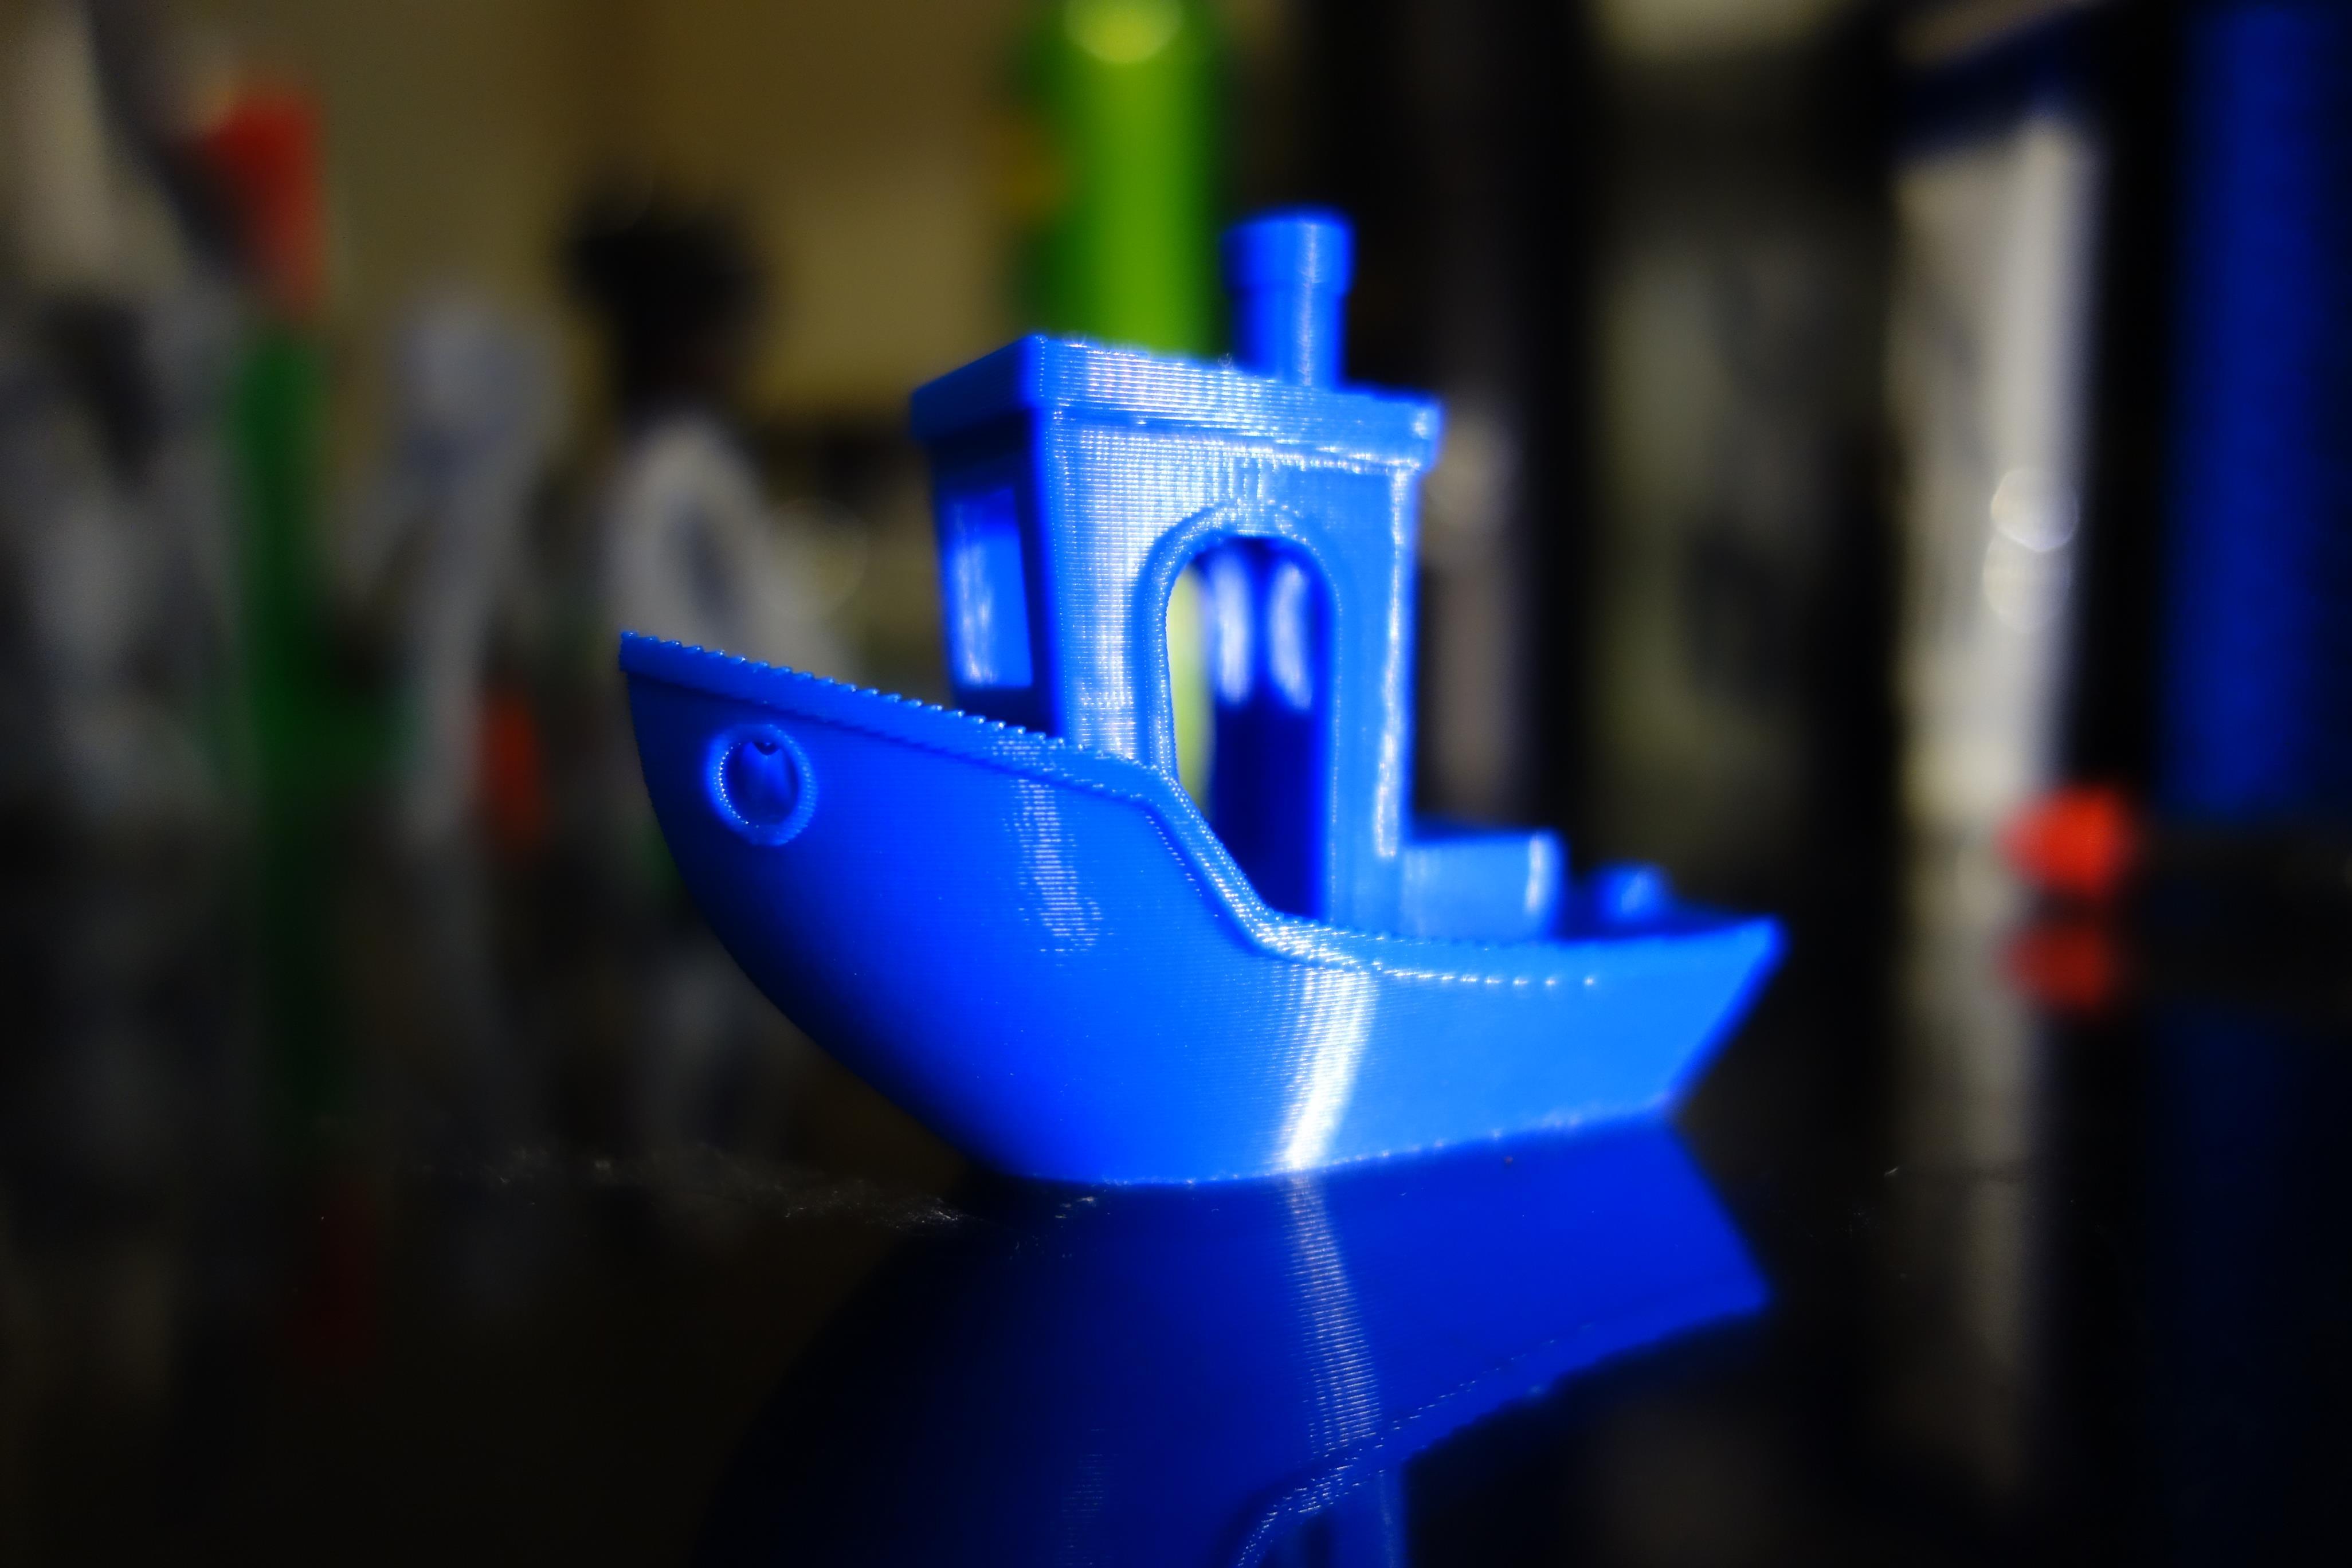 boatyMcboat